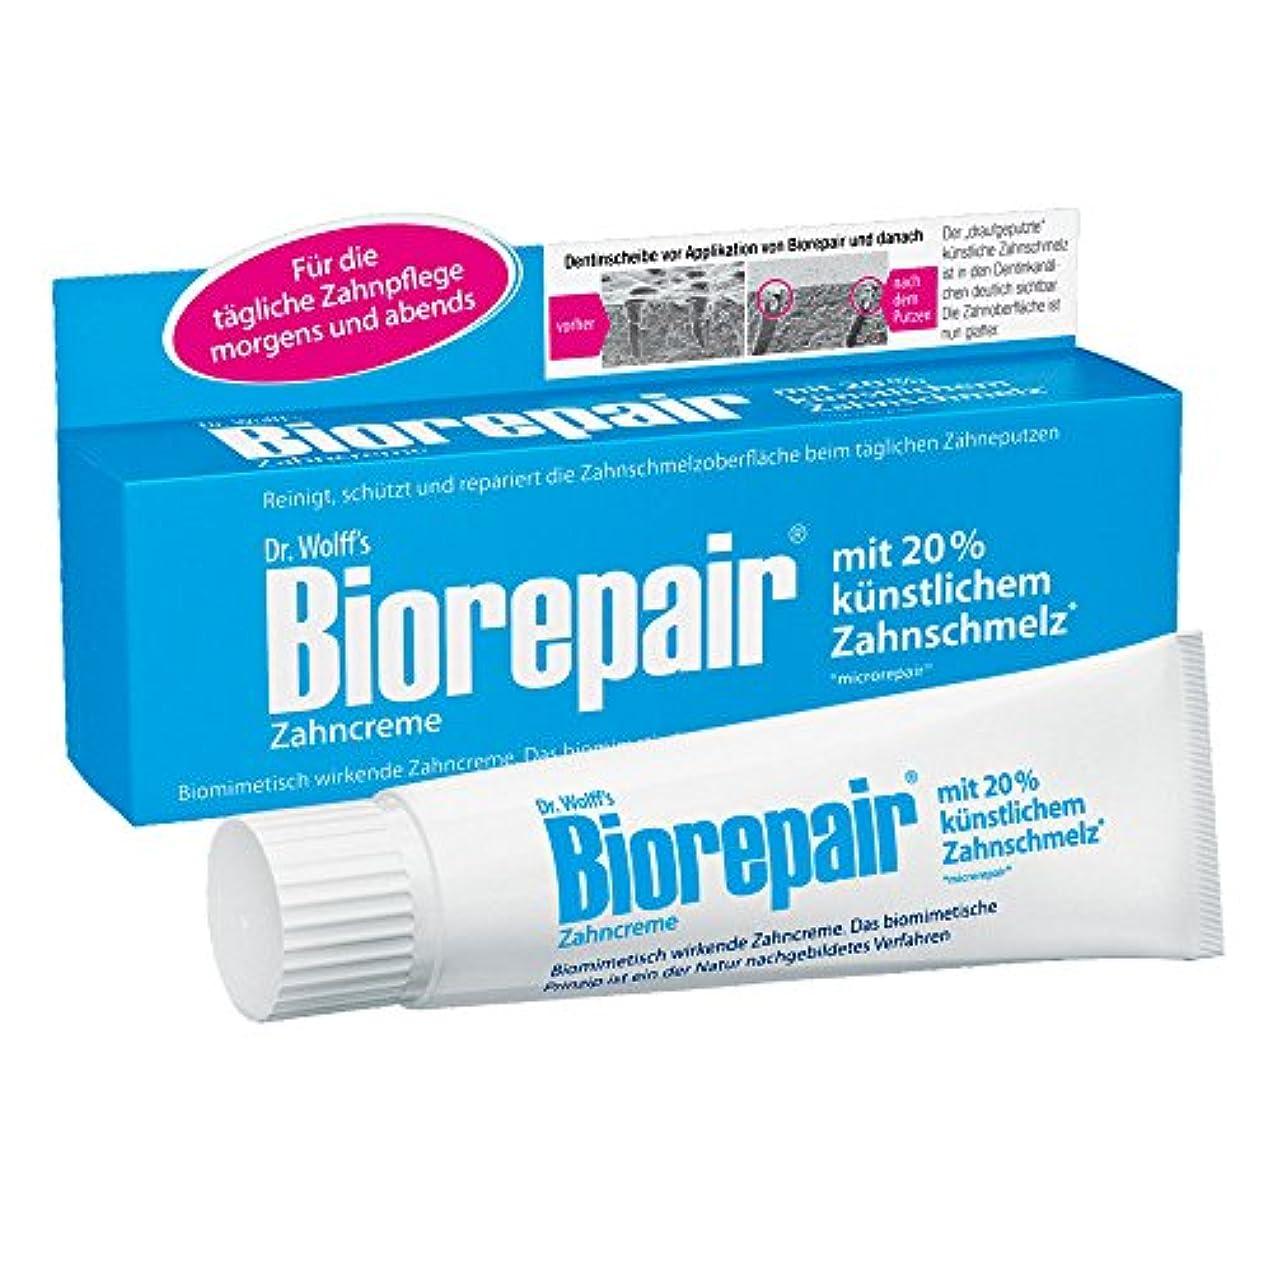 アライメントどこにでも接続されたBiorepair 歯磨き粉オリジナル、75ml(1pack) 歯の保護 耐摩耗性 1pack [並行輸入品]